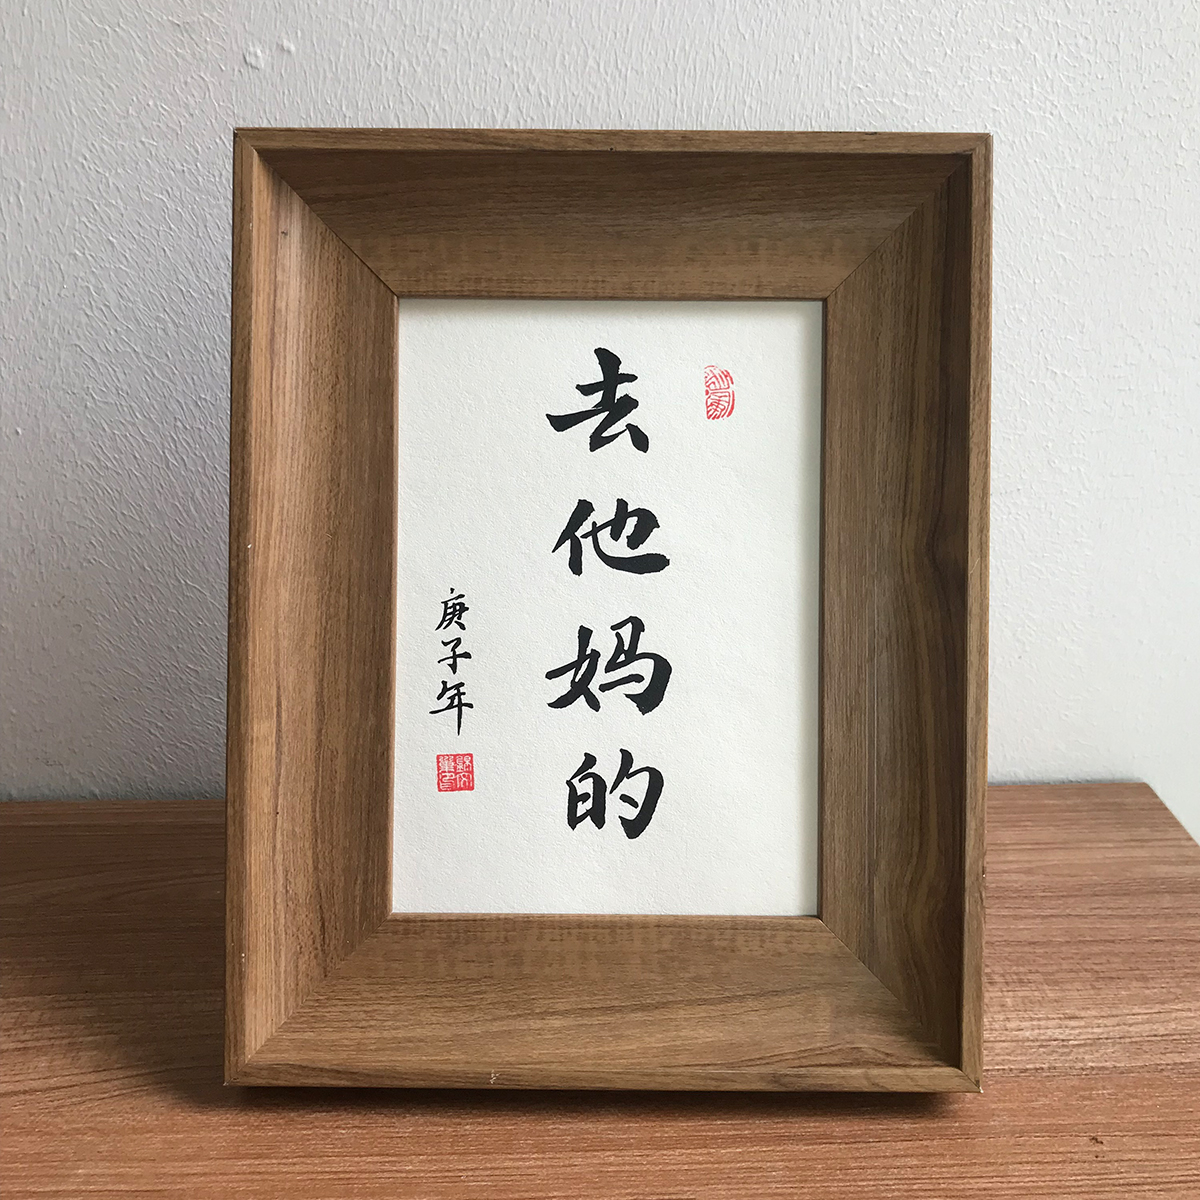 去他媽的手寫創意字畫書法桌面擺件臺個姓定制禮物新中式裝飾掛畫